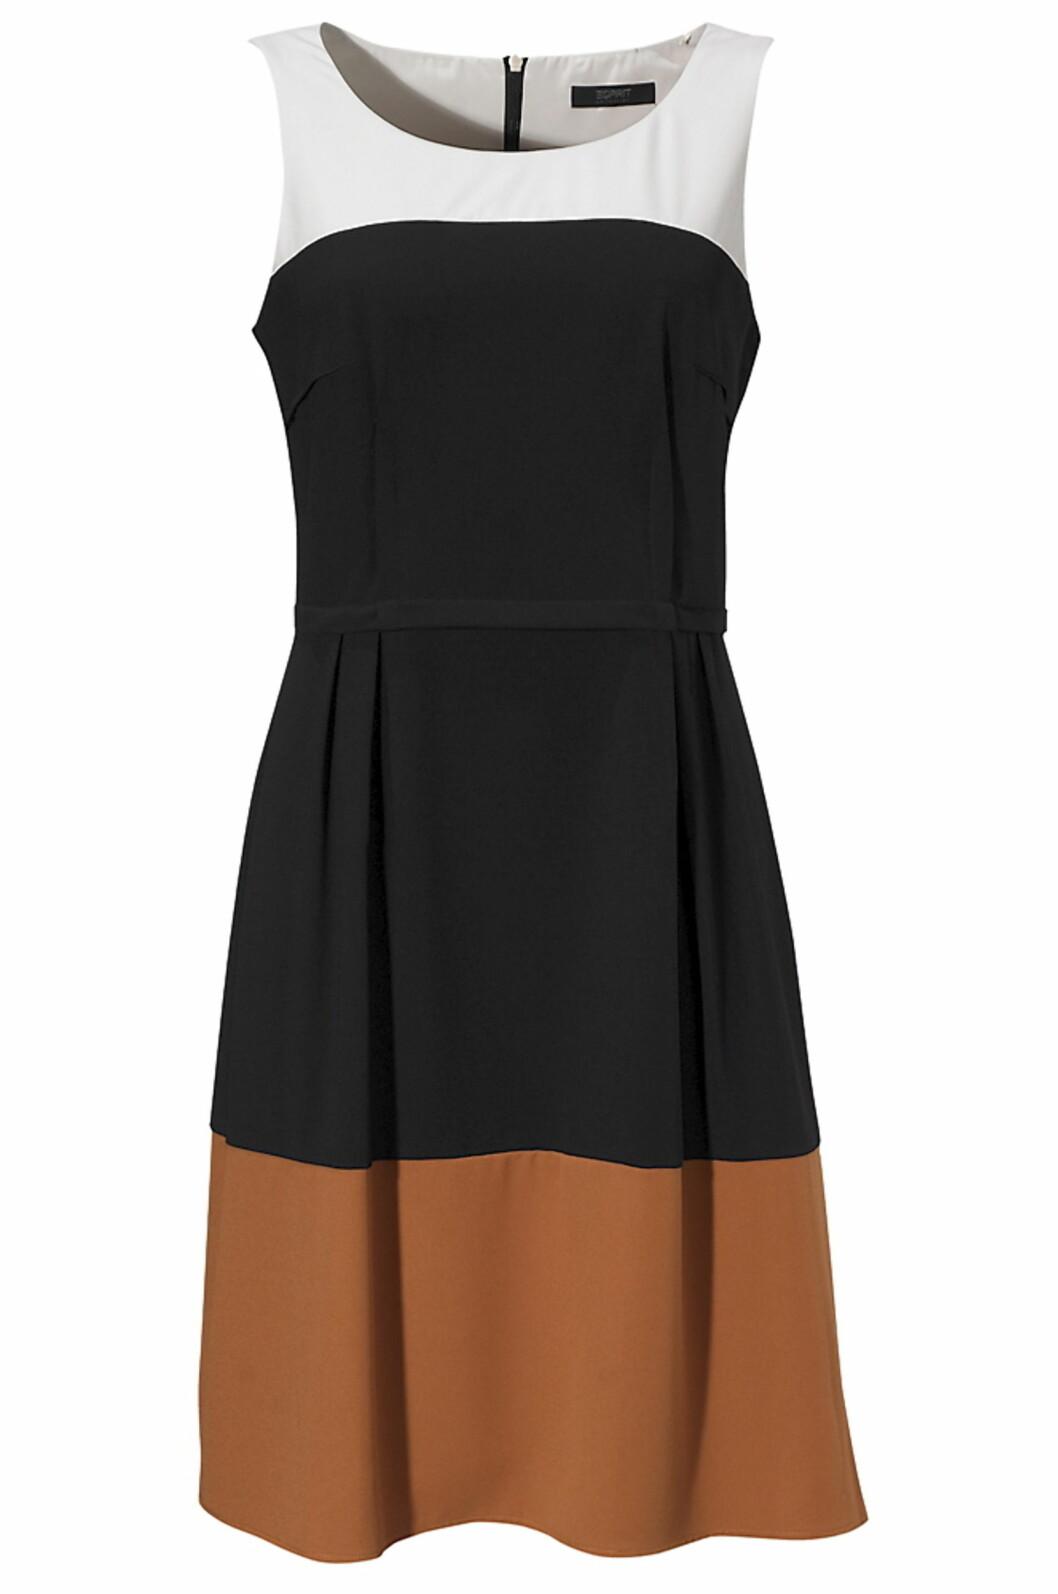 Flerfarget kjole med fint snitt fra Esprit (kr 799/ellos.no). Foto: Produsent